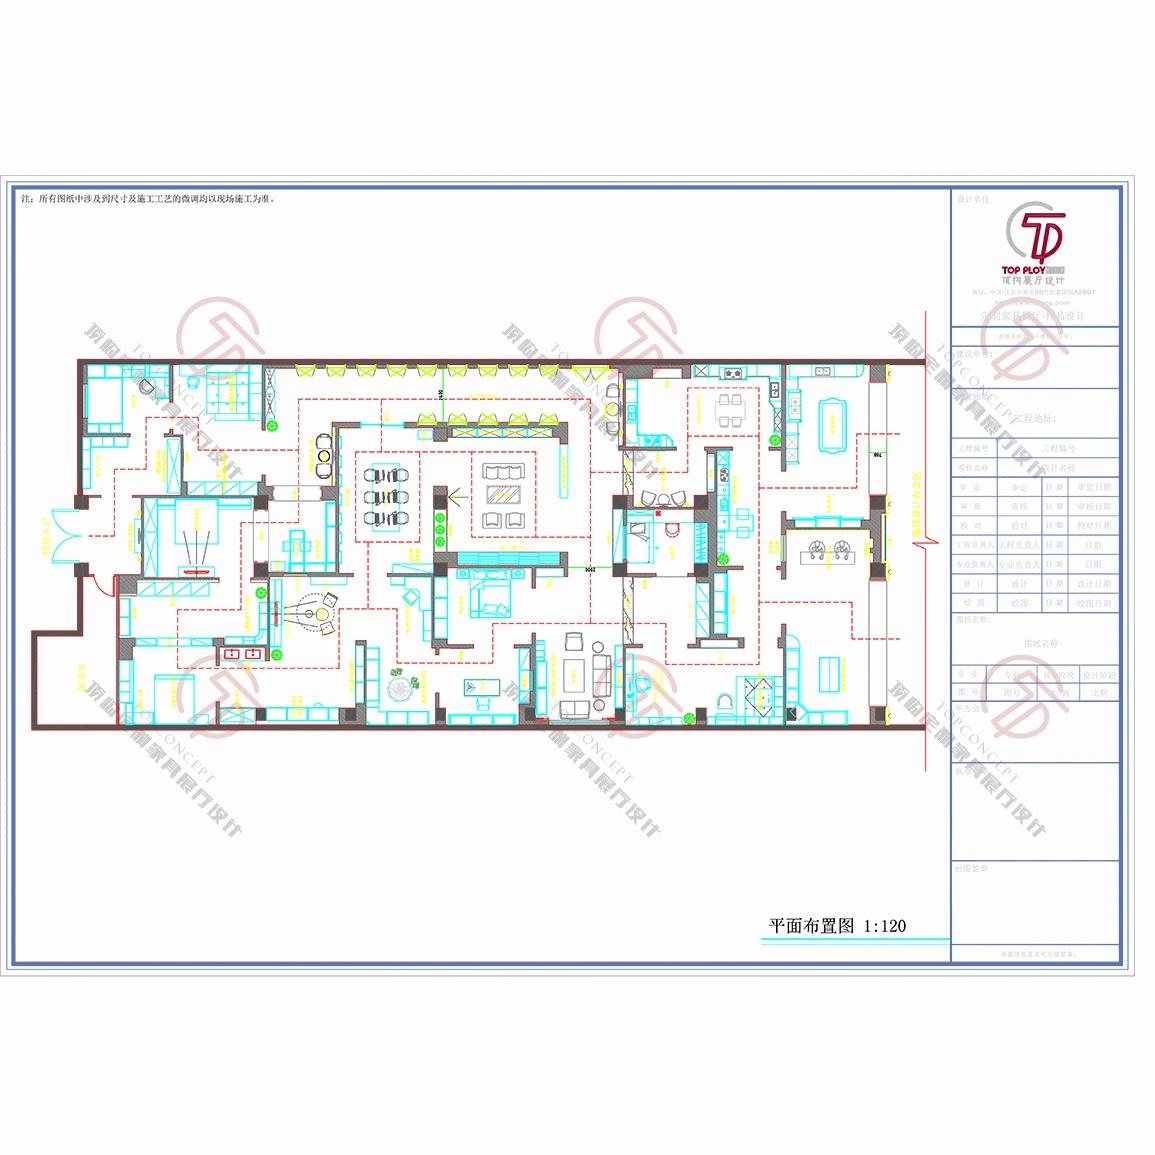 全屋定制家具 家居 橱柜 衣柜 展厅布局规划平面图